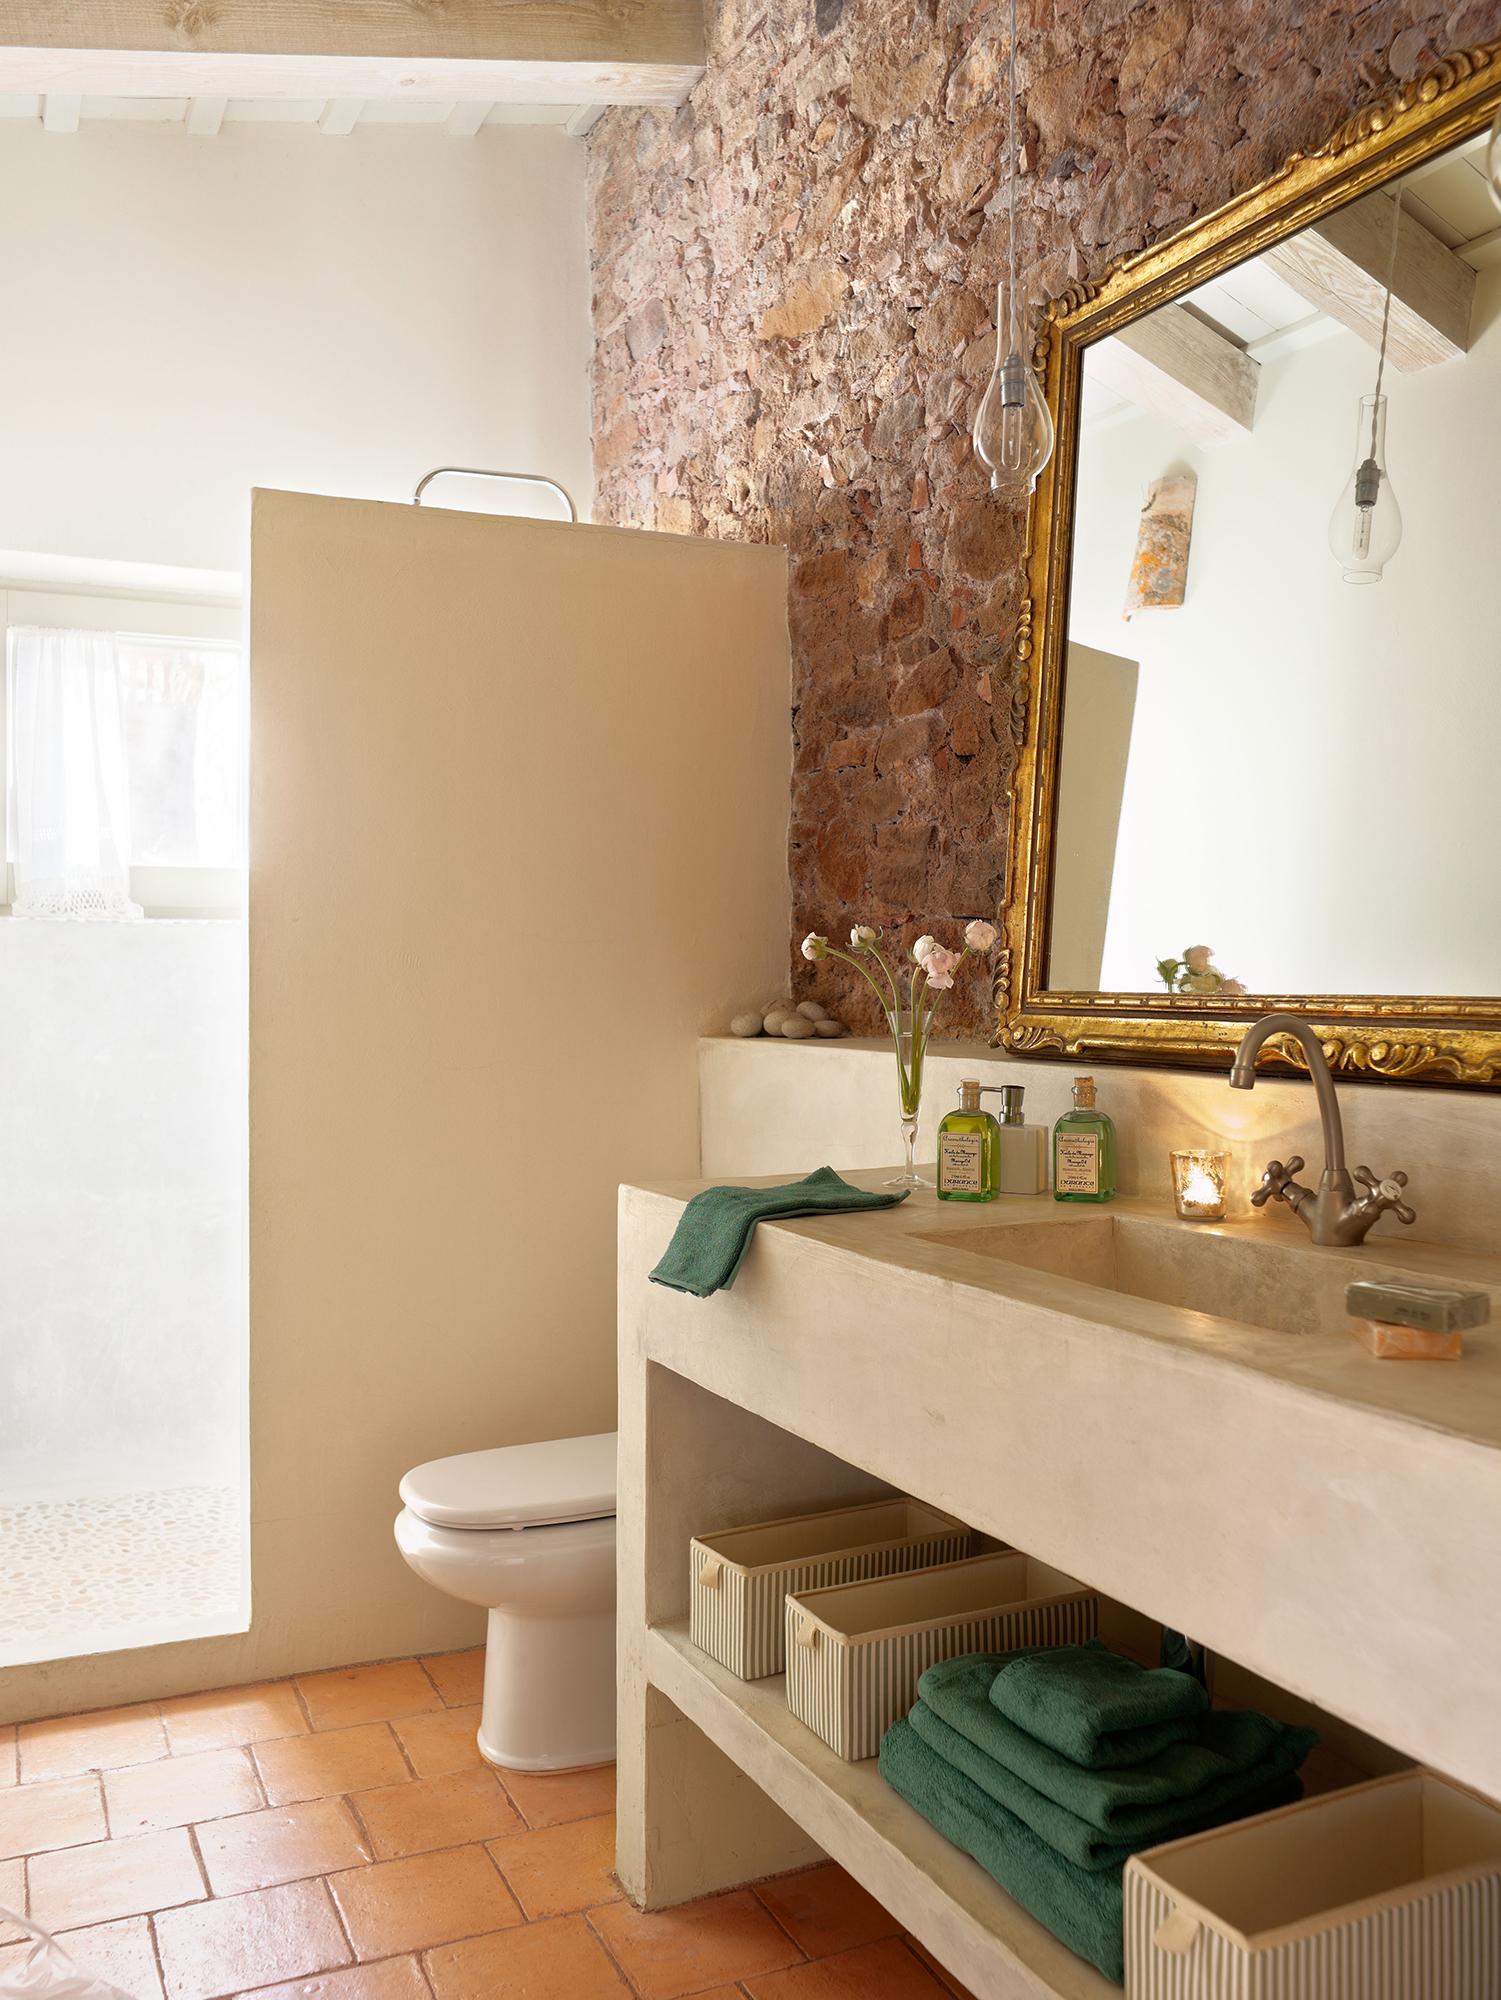 baños: mamparas, muebles, espejos.. todo para la decoración - elmueble